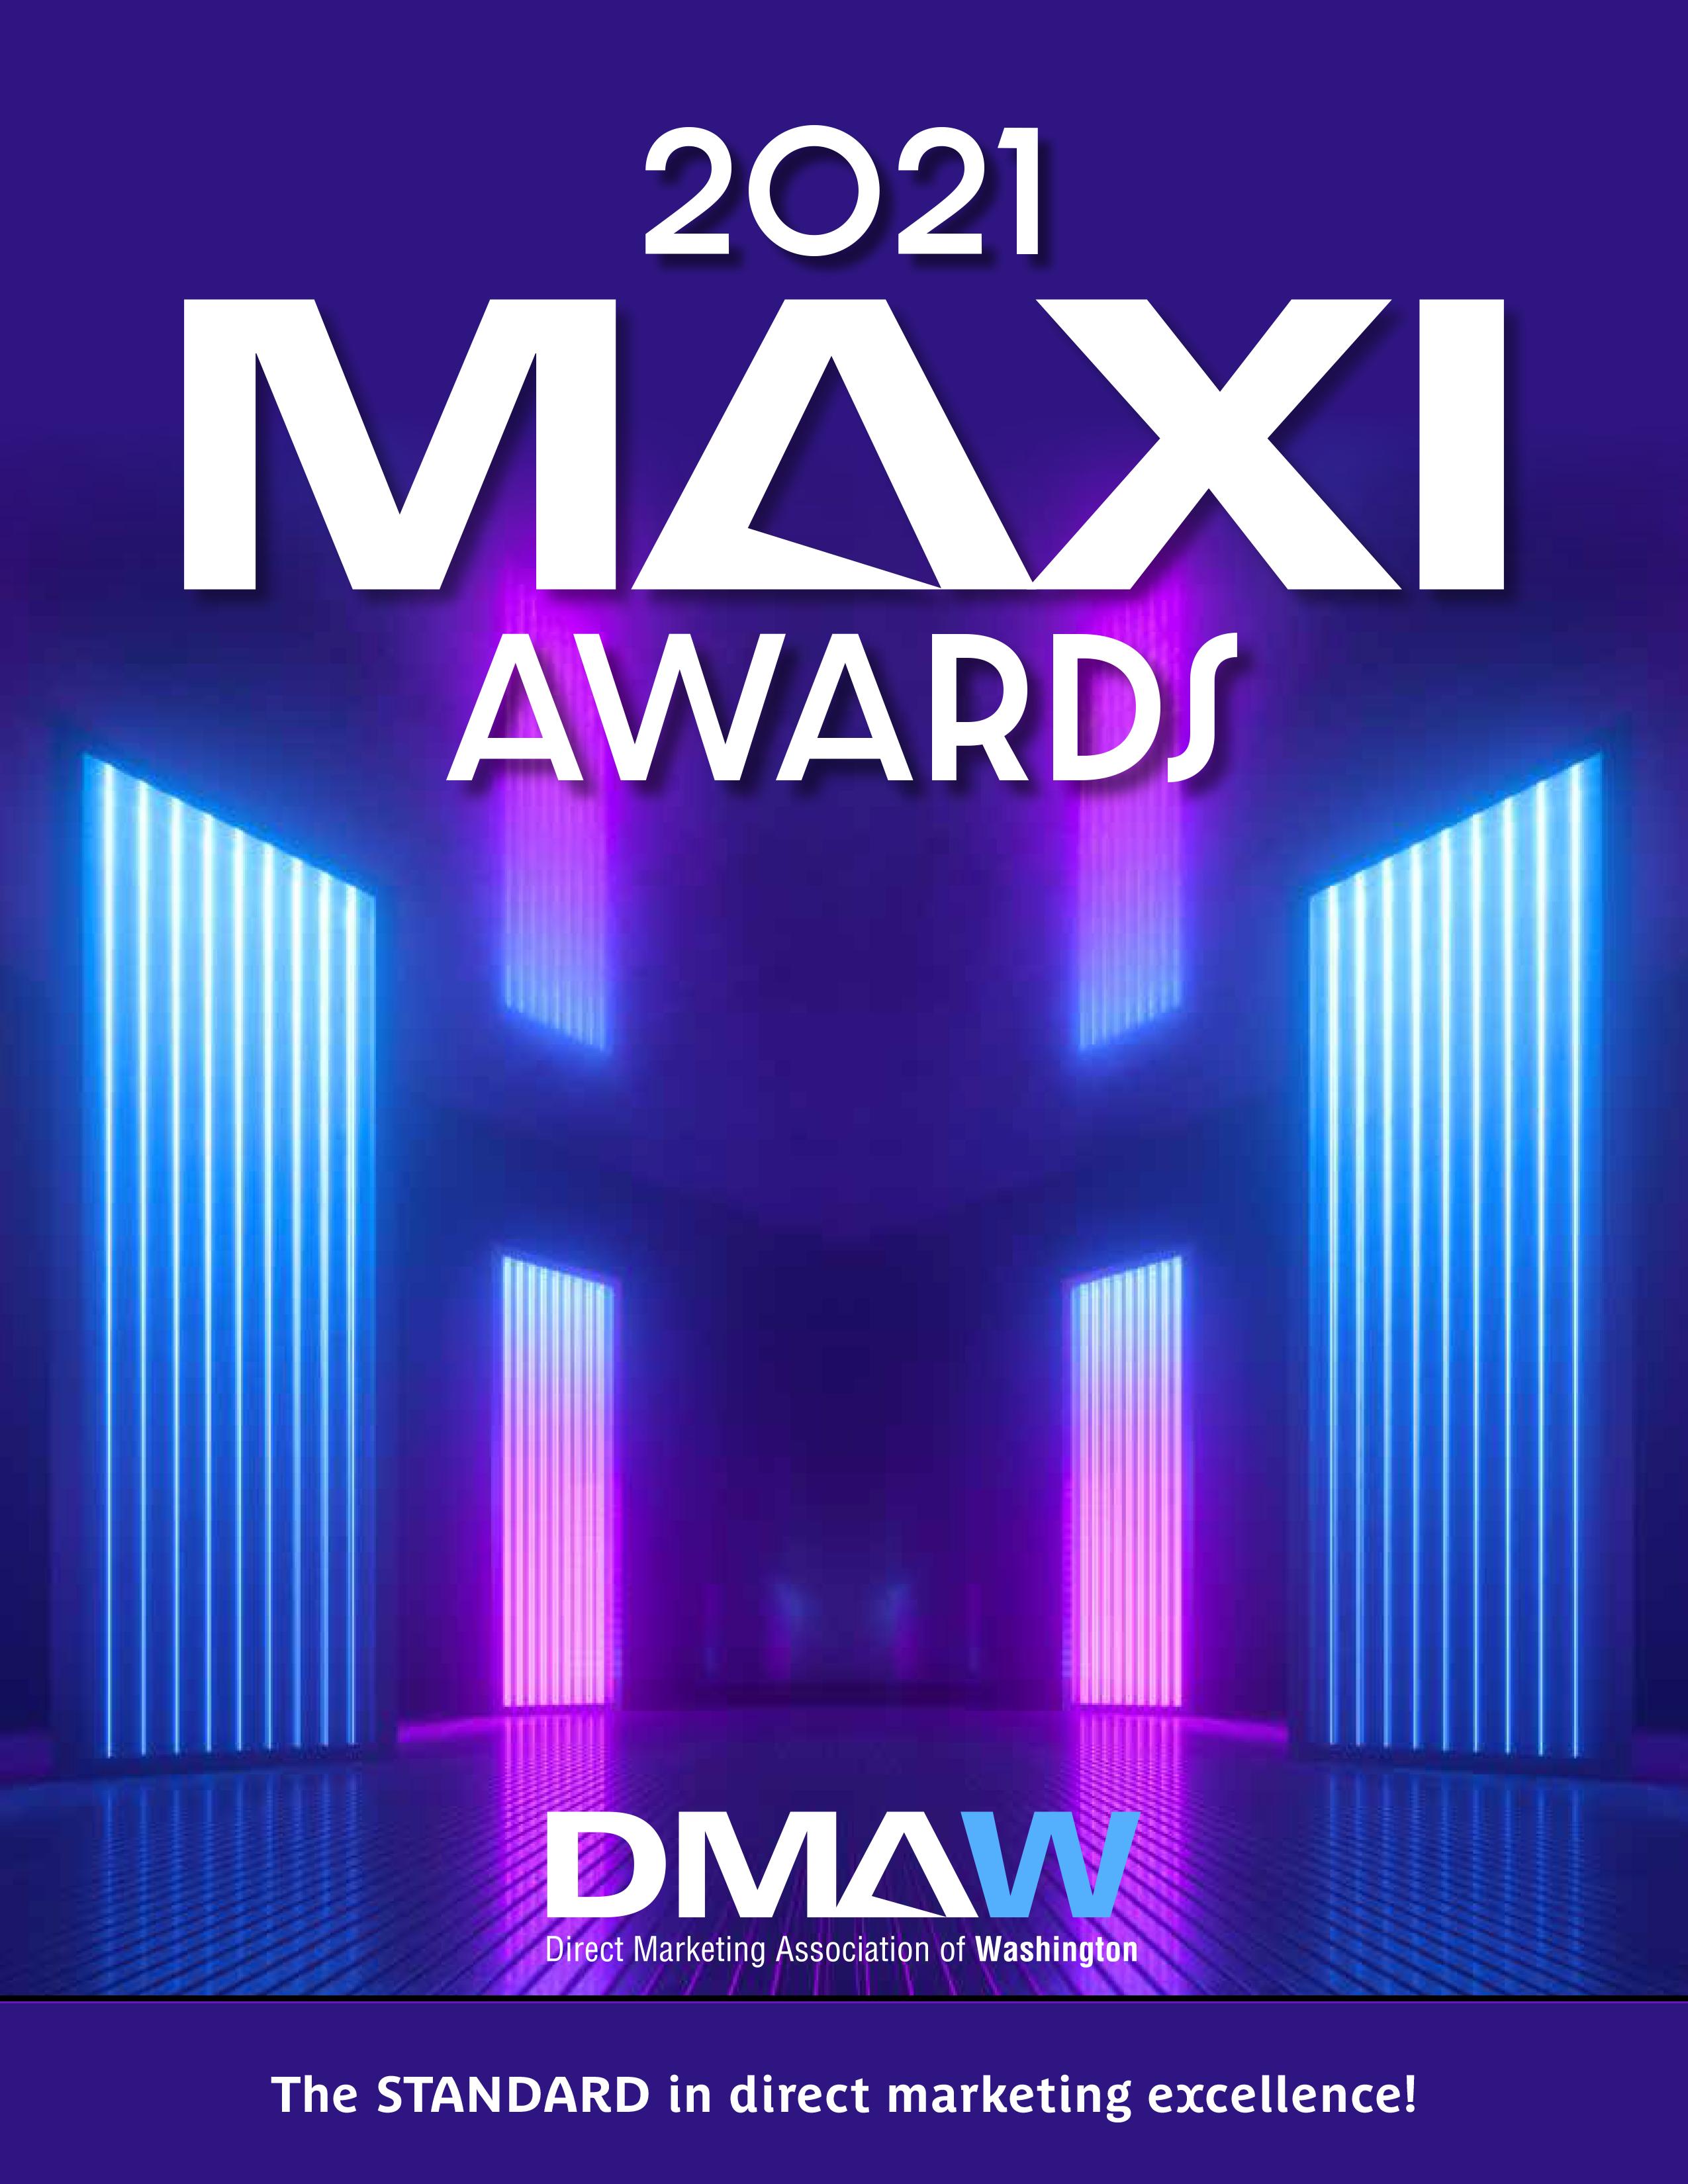 2021 MAXI Awards_Program Book_Cover